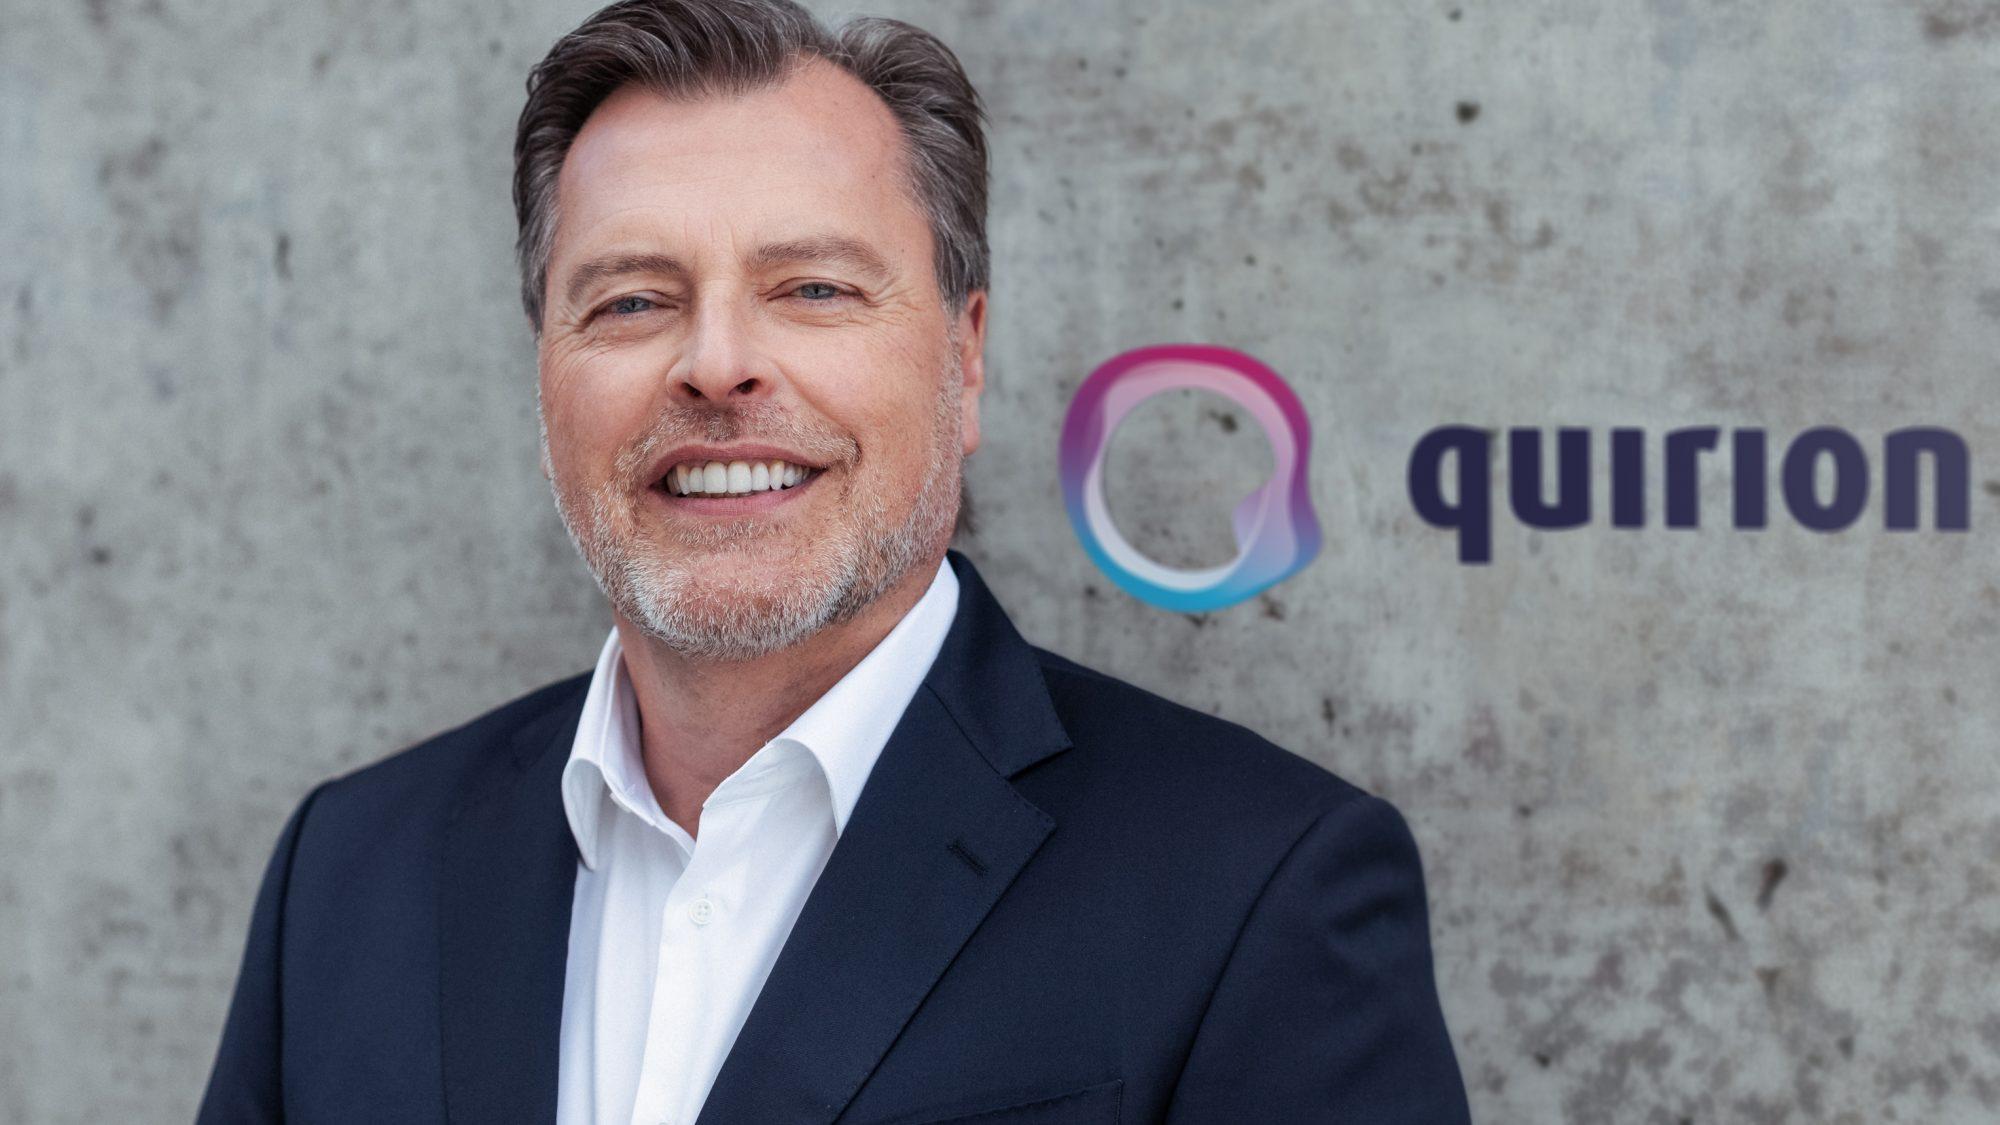 Interview mit Martin Daut Geschäftsführer Robo Advisor quirion zu Robo Advisory Markt 2020